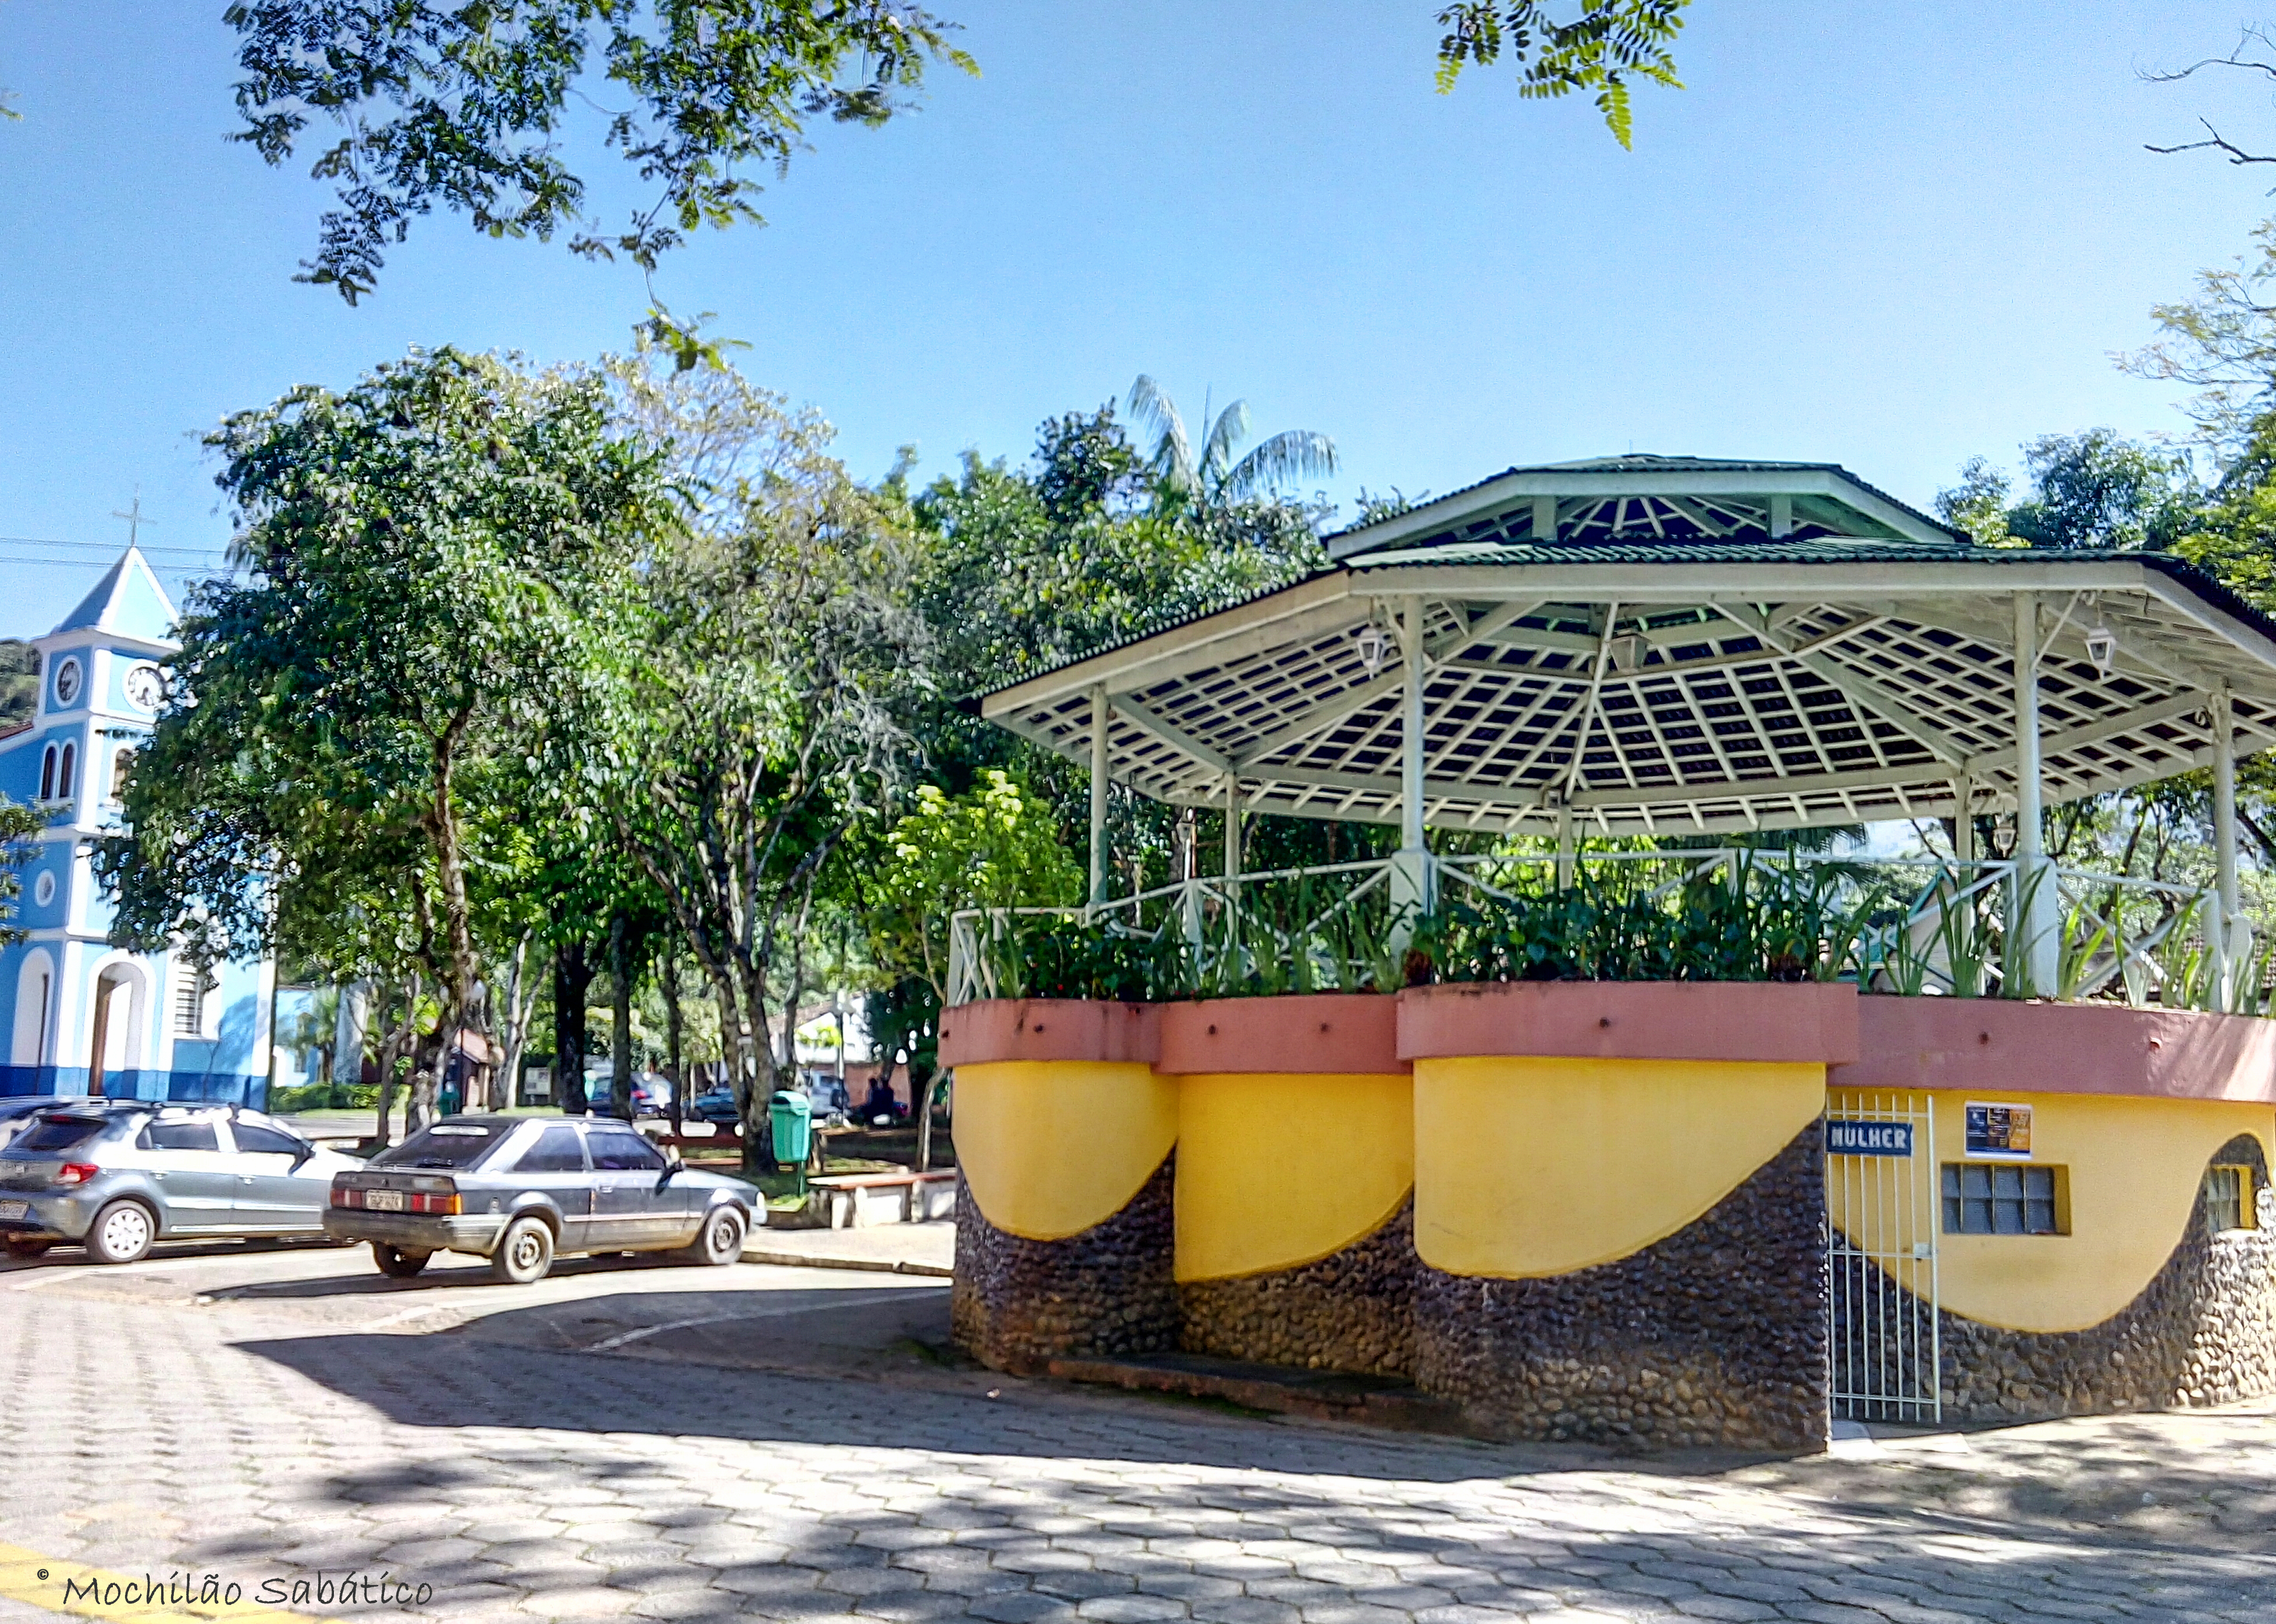 Praça São Francisco Xavier (São José dos Campos, SP)